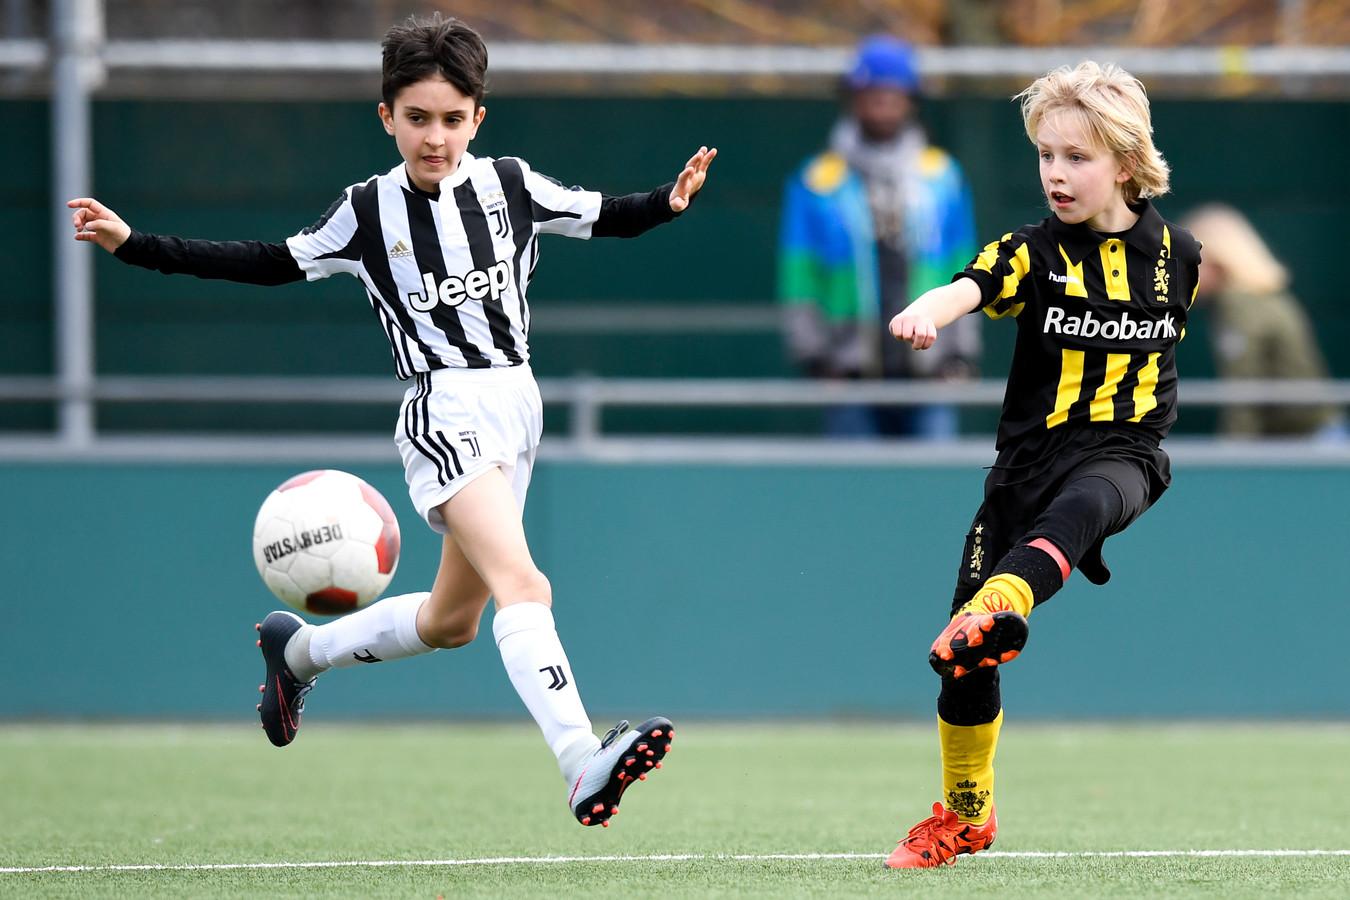 De jeugd van Juventus kwam gisteren in Den Haag aan en speelde al een paar oefenpartijtjes bij HVV. Hier tegen de JO11-2 van de thuisclub.